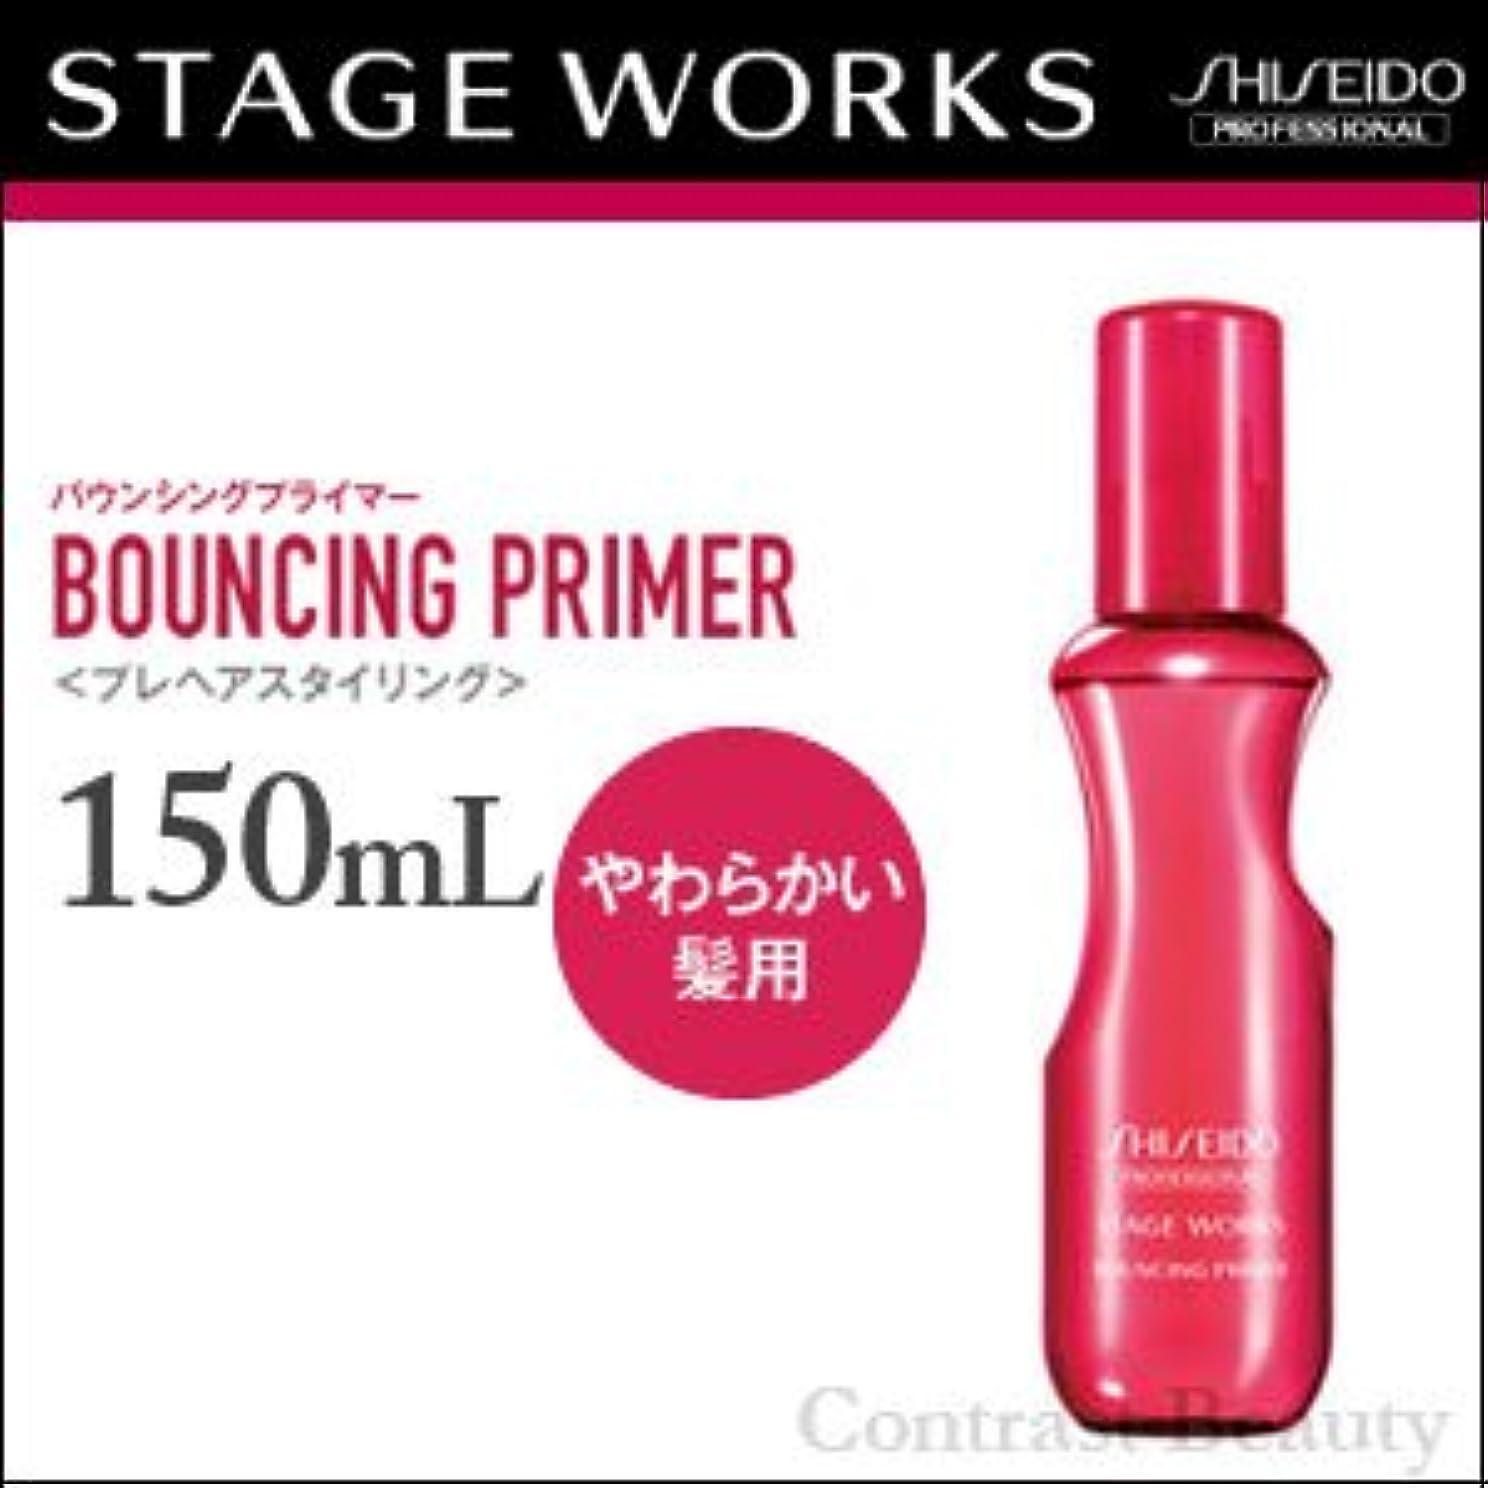 アウトドア勧告美人【x3個セット】 資生堂 ステージワークス バウンシングプライマー 150ml